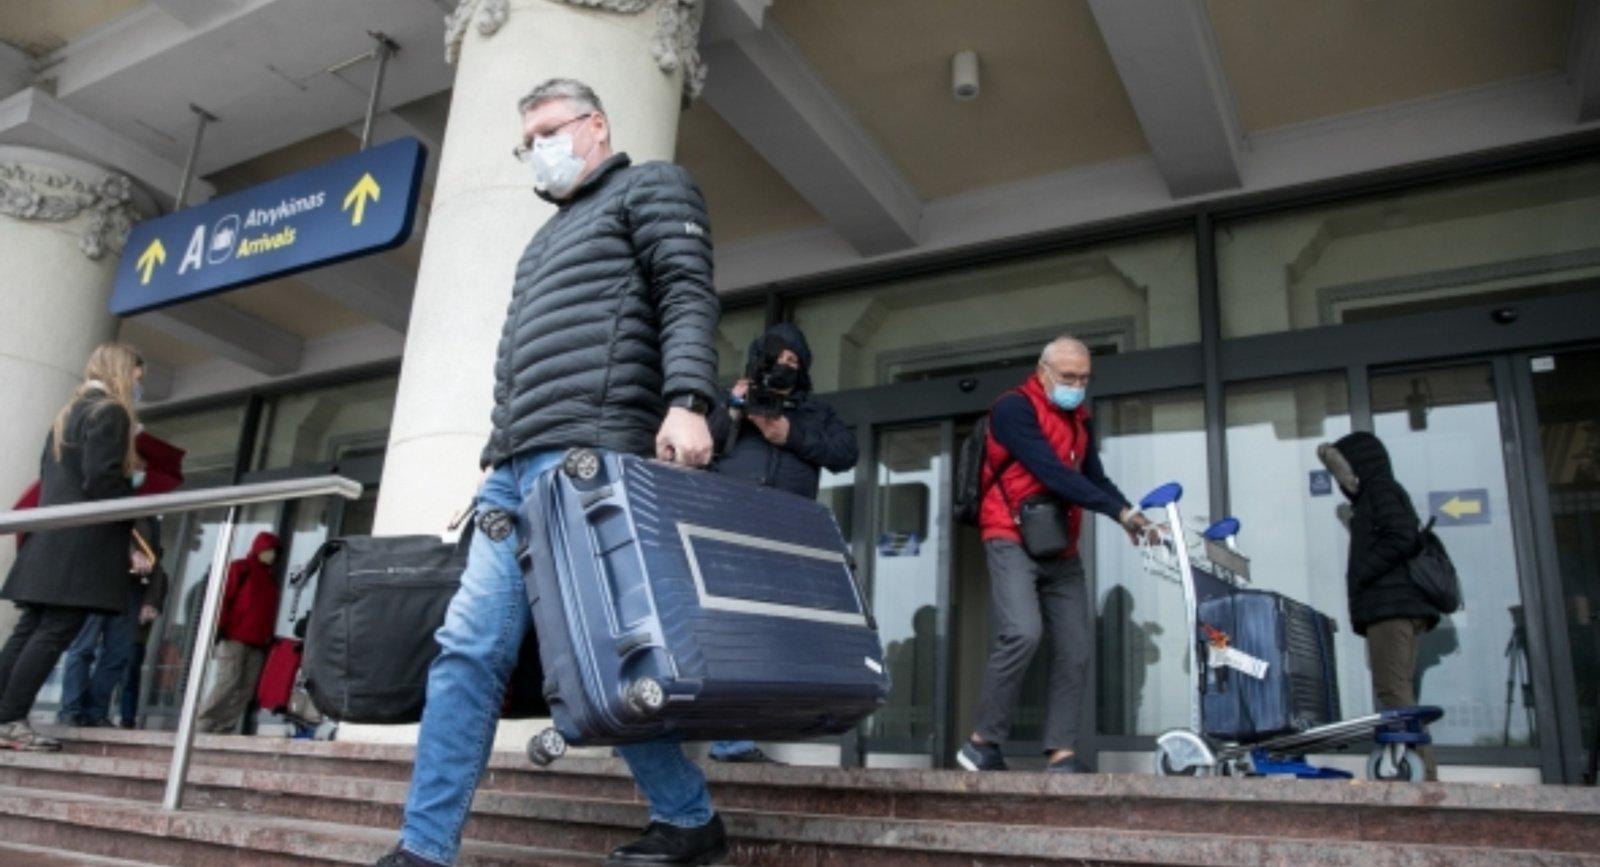 Grįžtantiems iš Lenkijos, Nyderlandų, Islandijos, Kipro, Turkijos – privaloma izoliacija